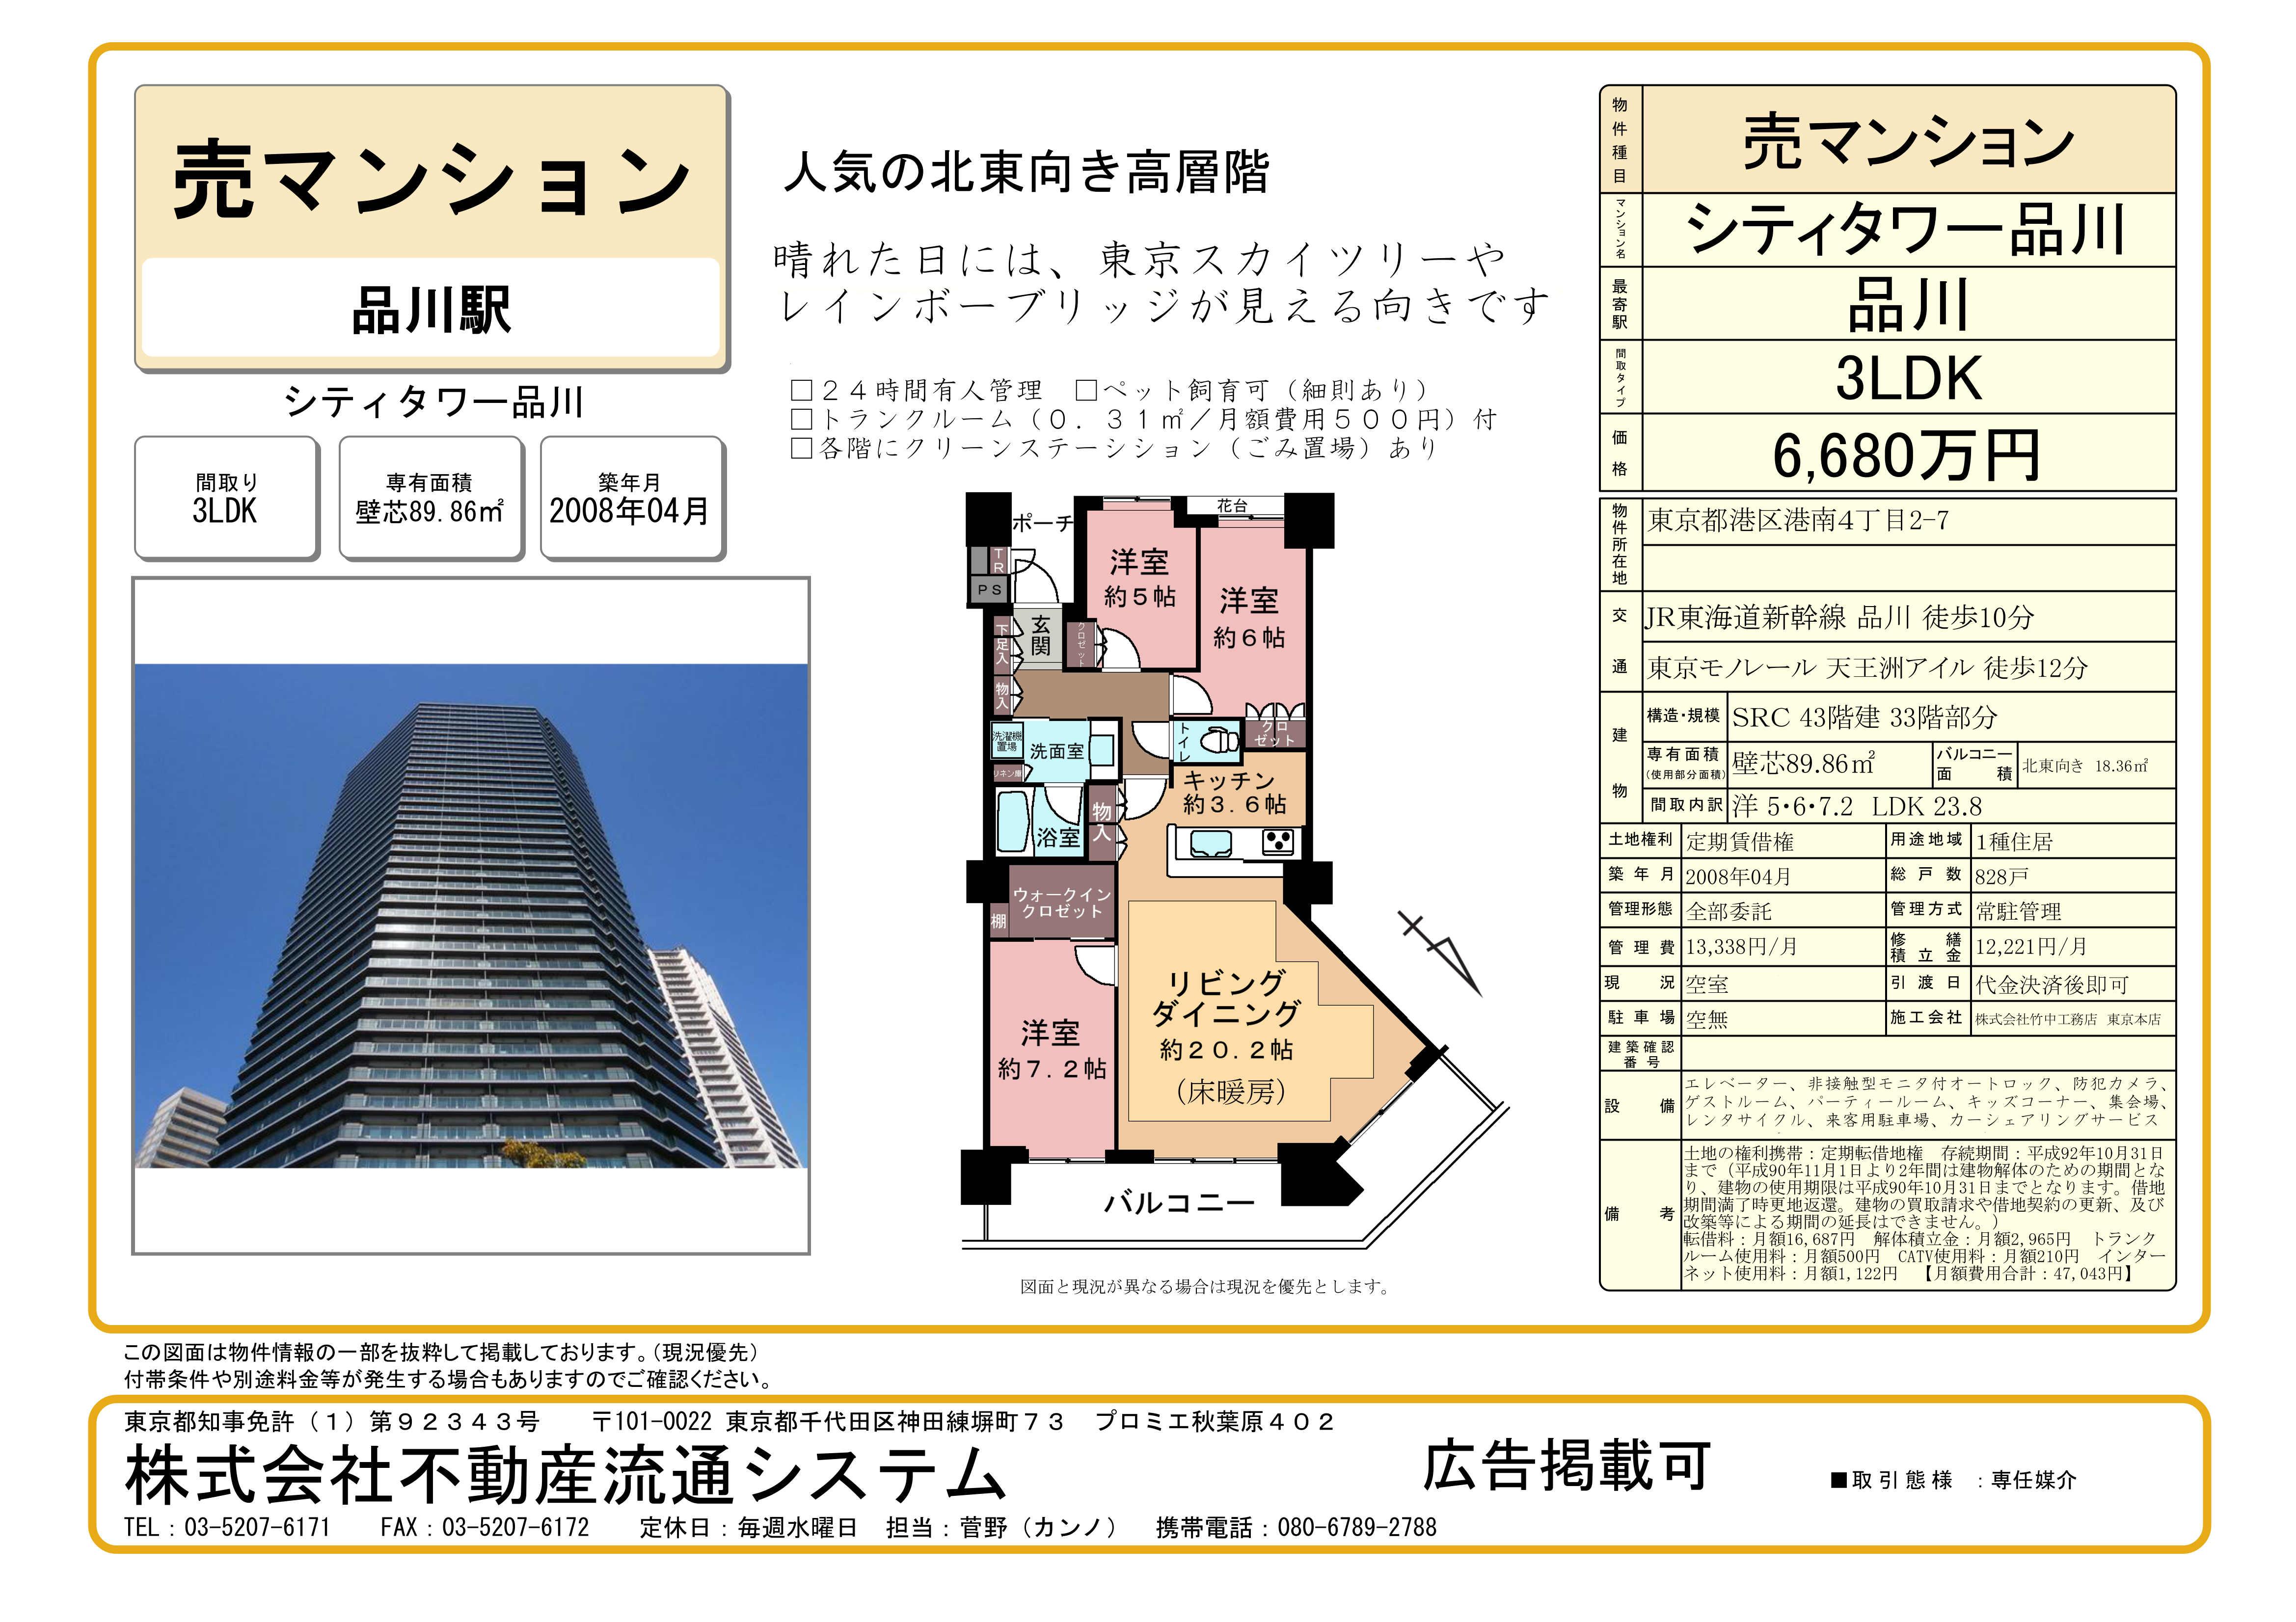 シティタワー品川33階6680万円人気の北東向き高層階で東京スカイツリーやレインボーブリッジを一望